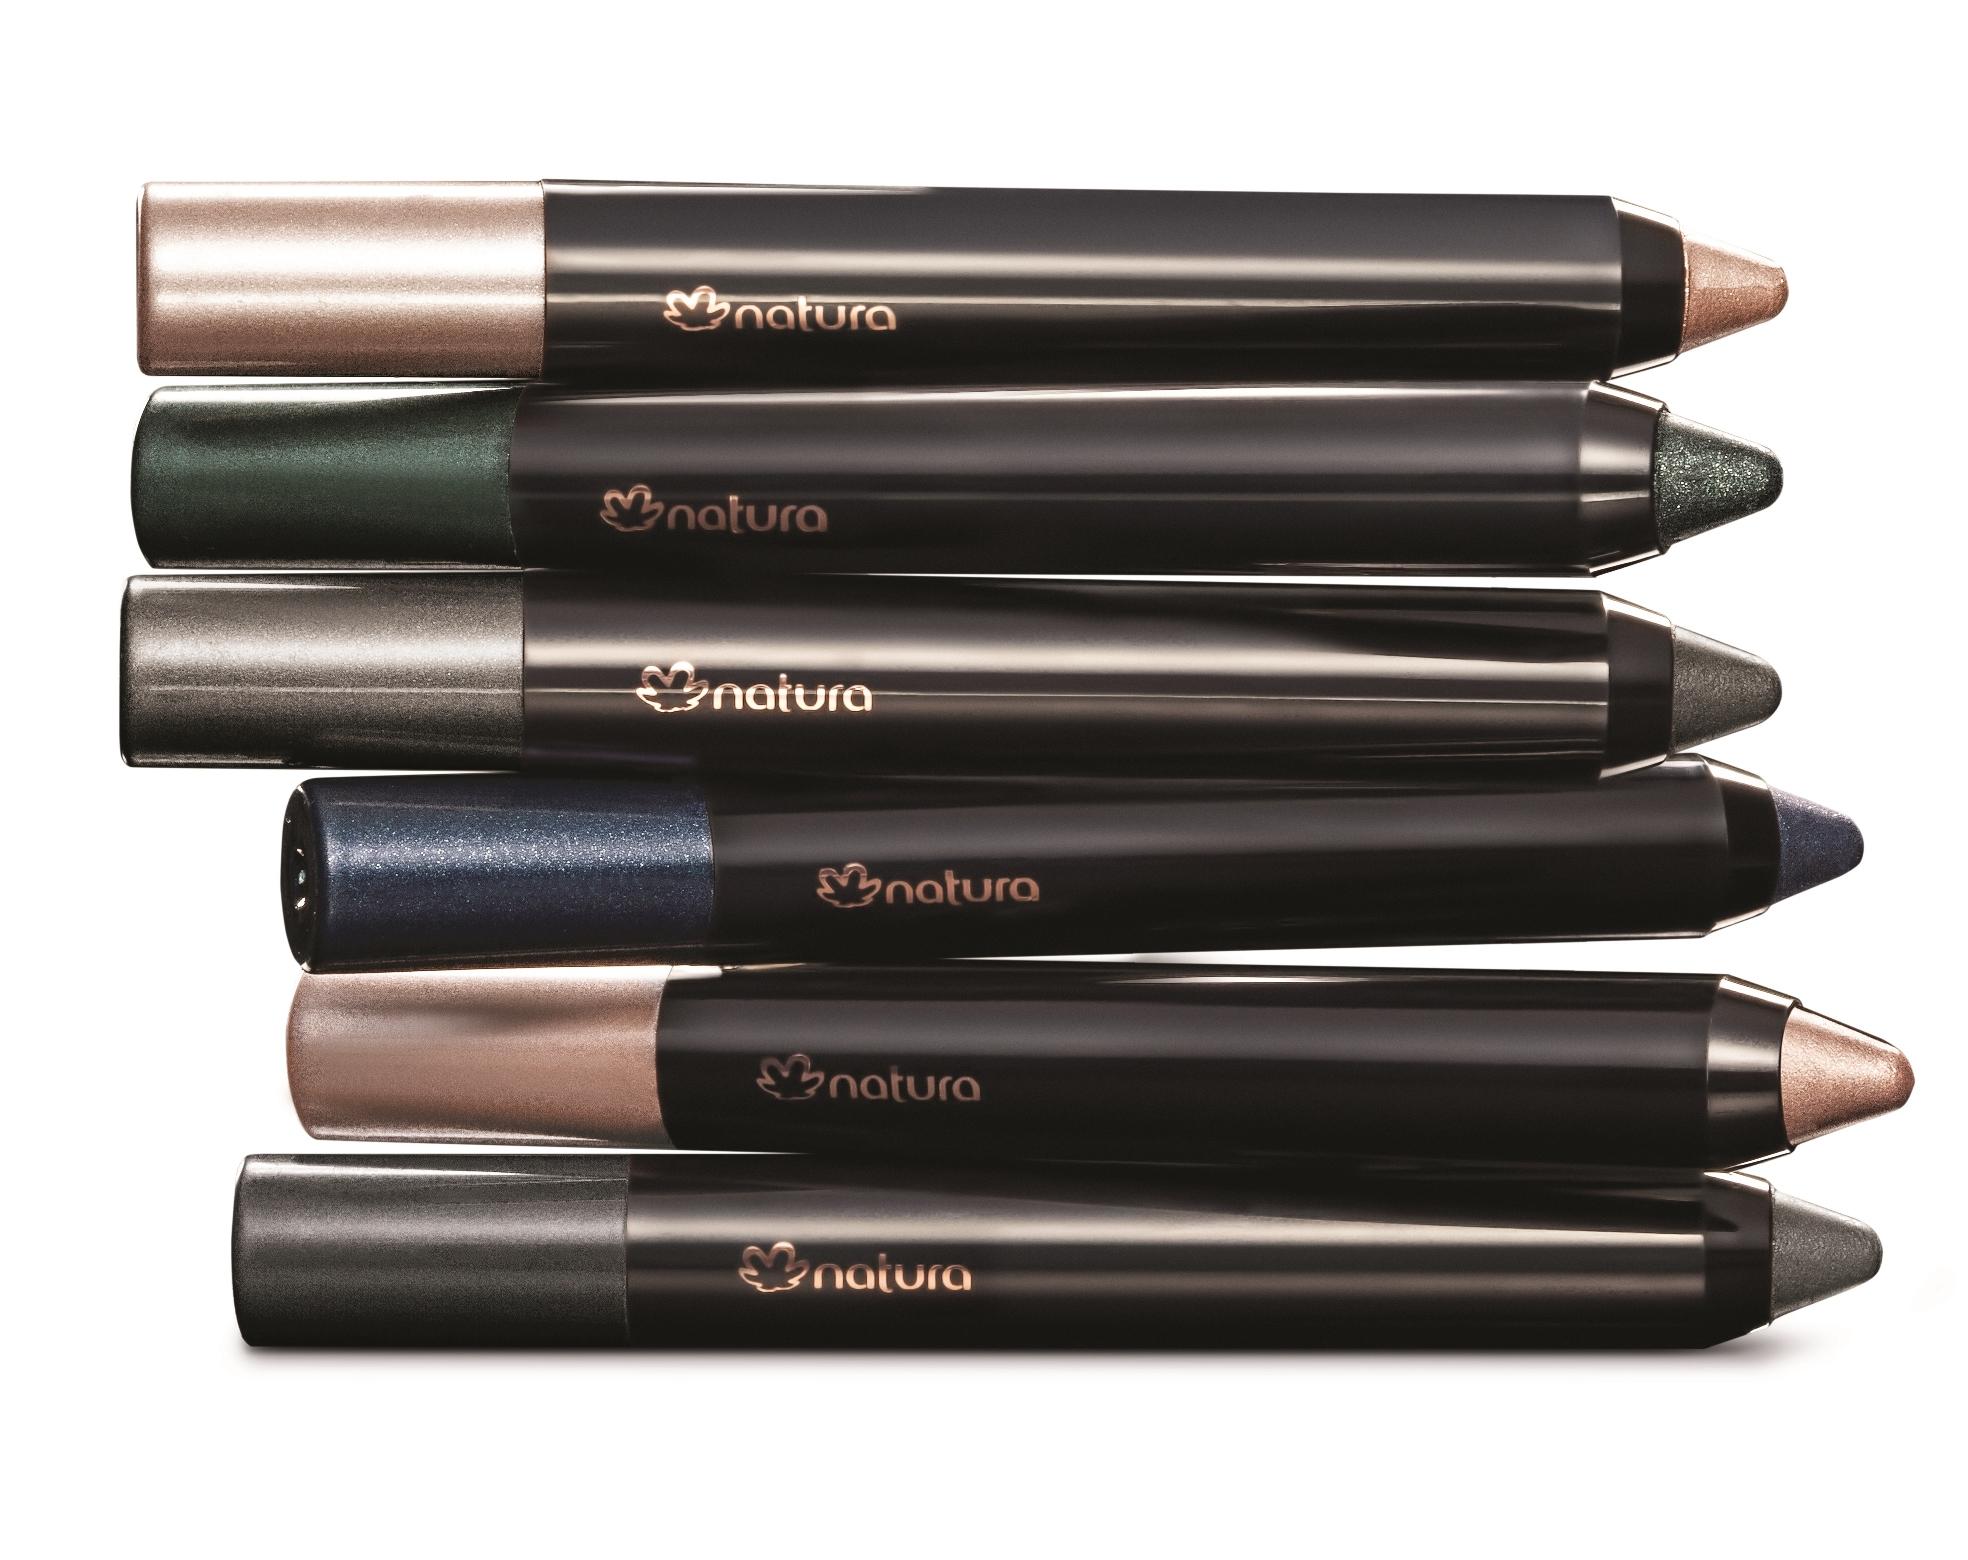 Las nuevas sombras en lápiz de Natura vienen en tonos: Rosa, Grafito, Azul, Verde, Nude, Ceniza y cuestan $172.